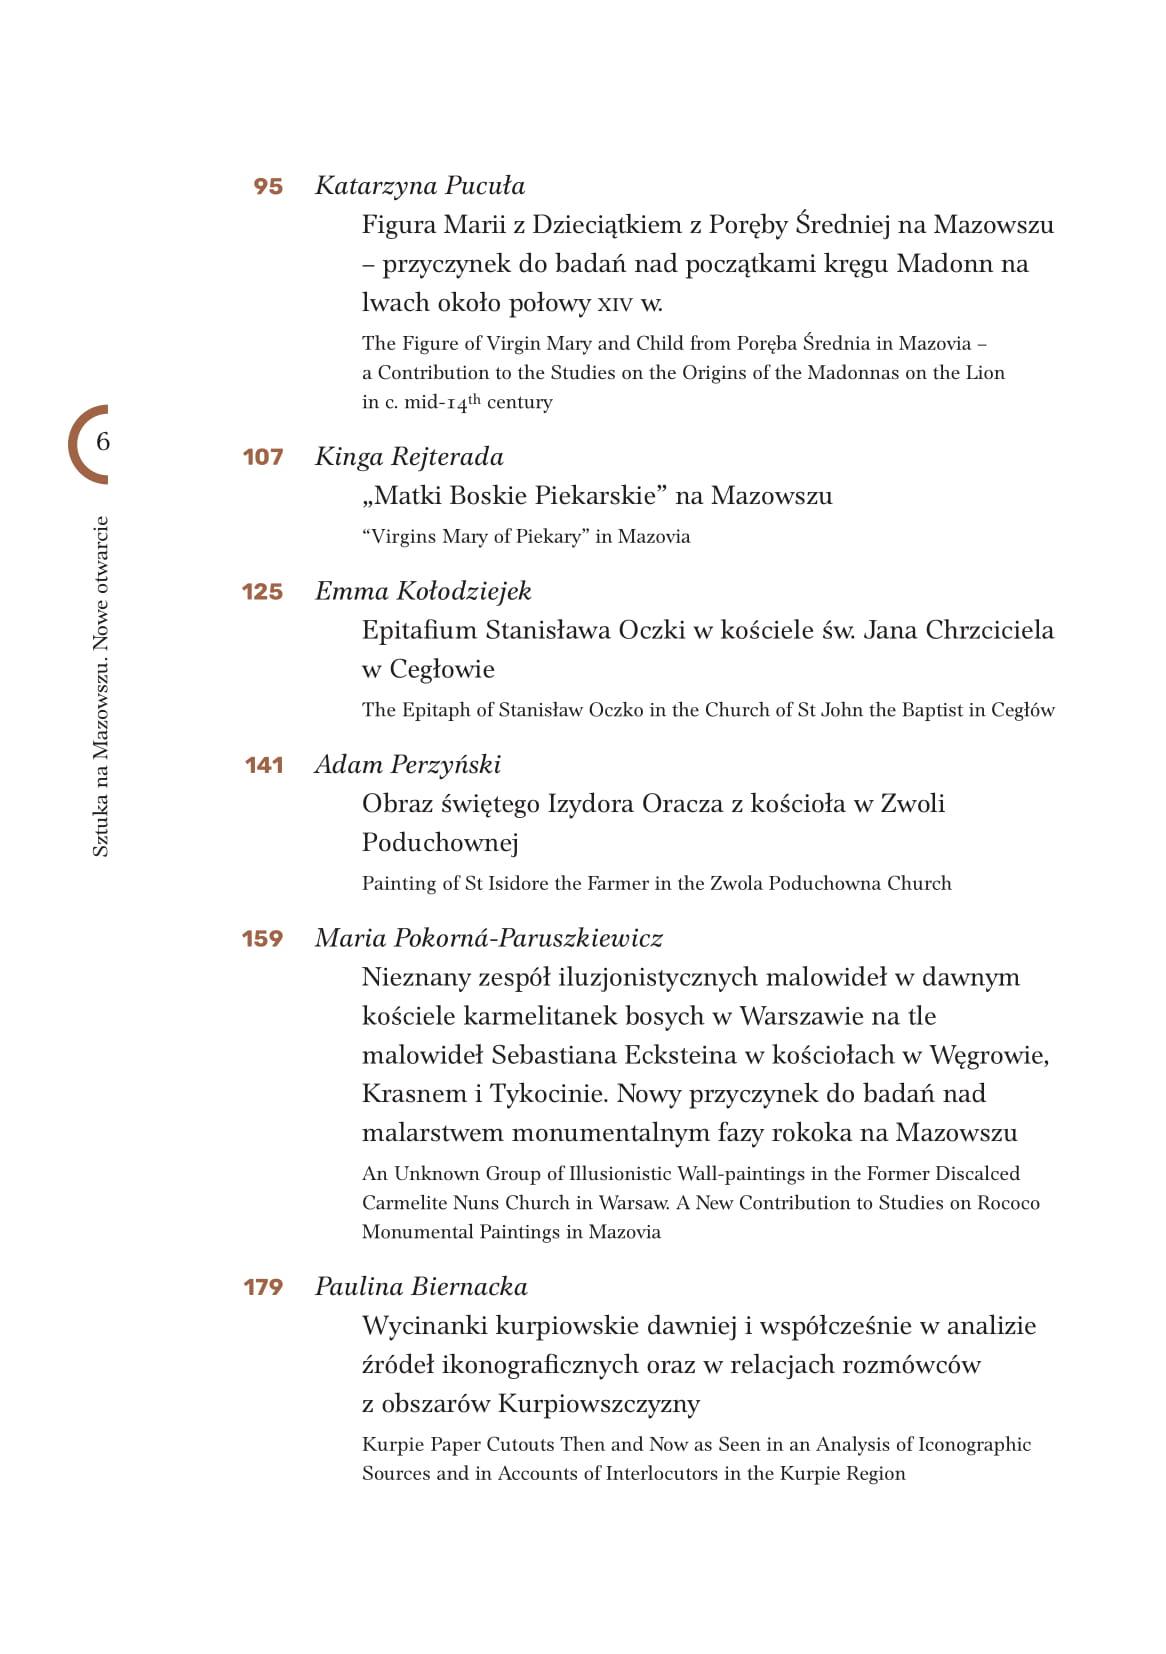 Publikacja pokonferencyjna spis treści